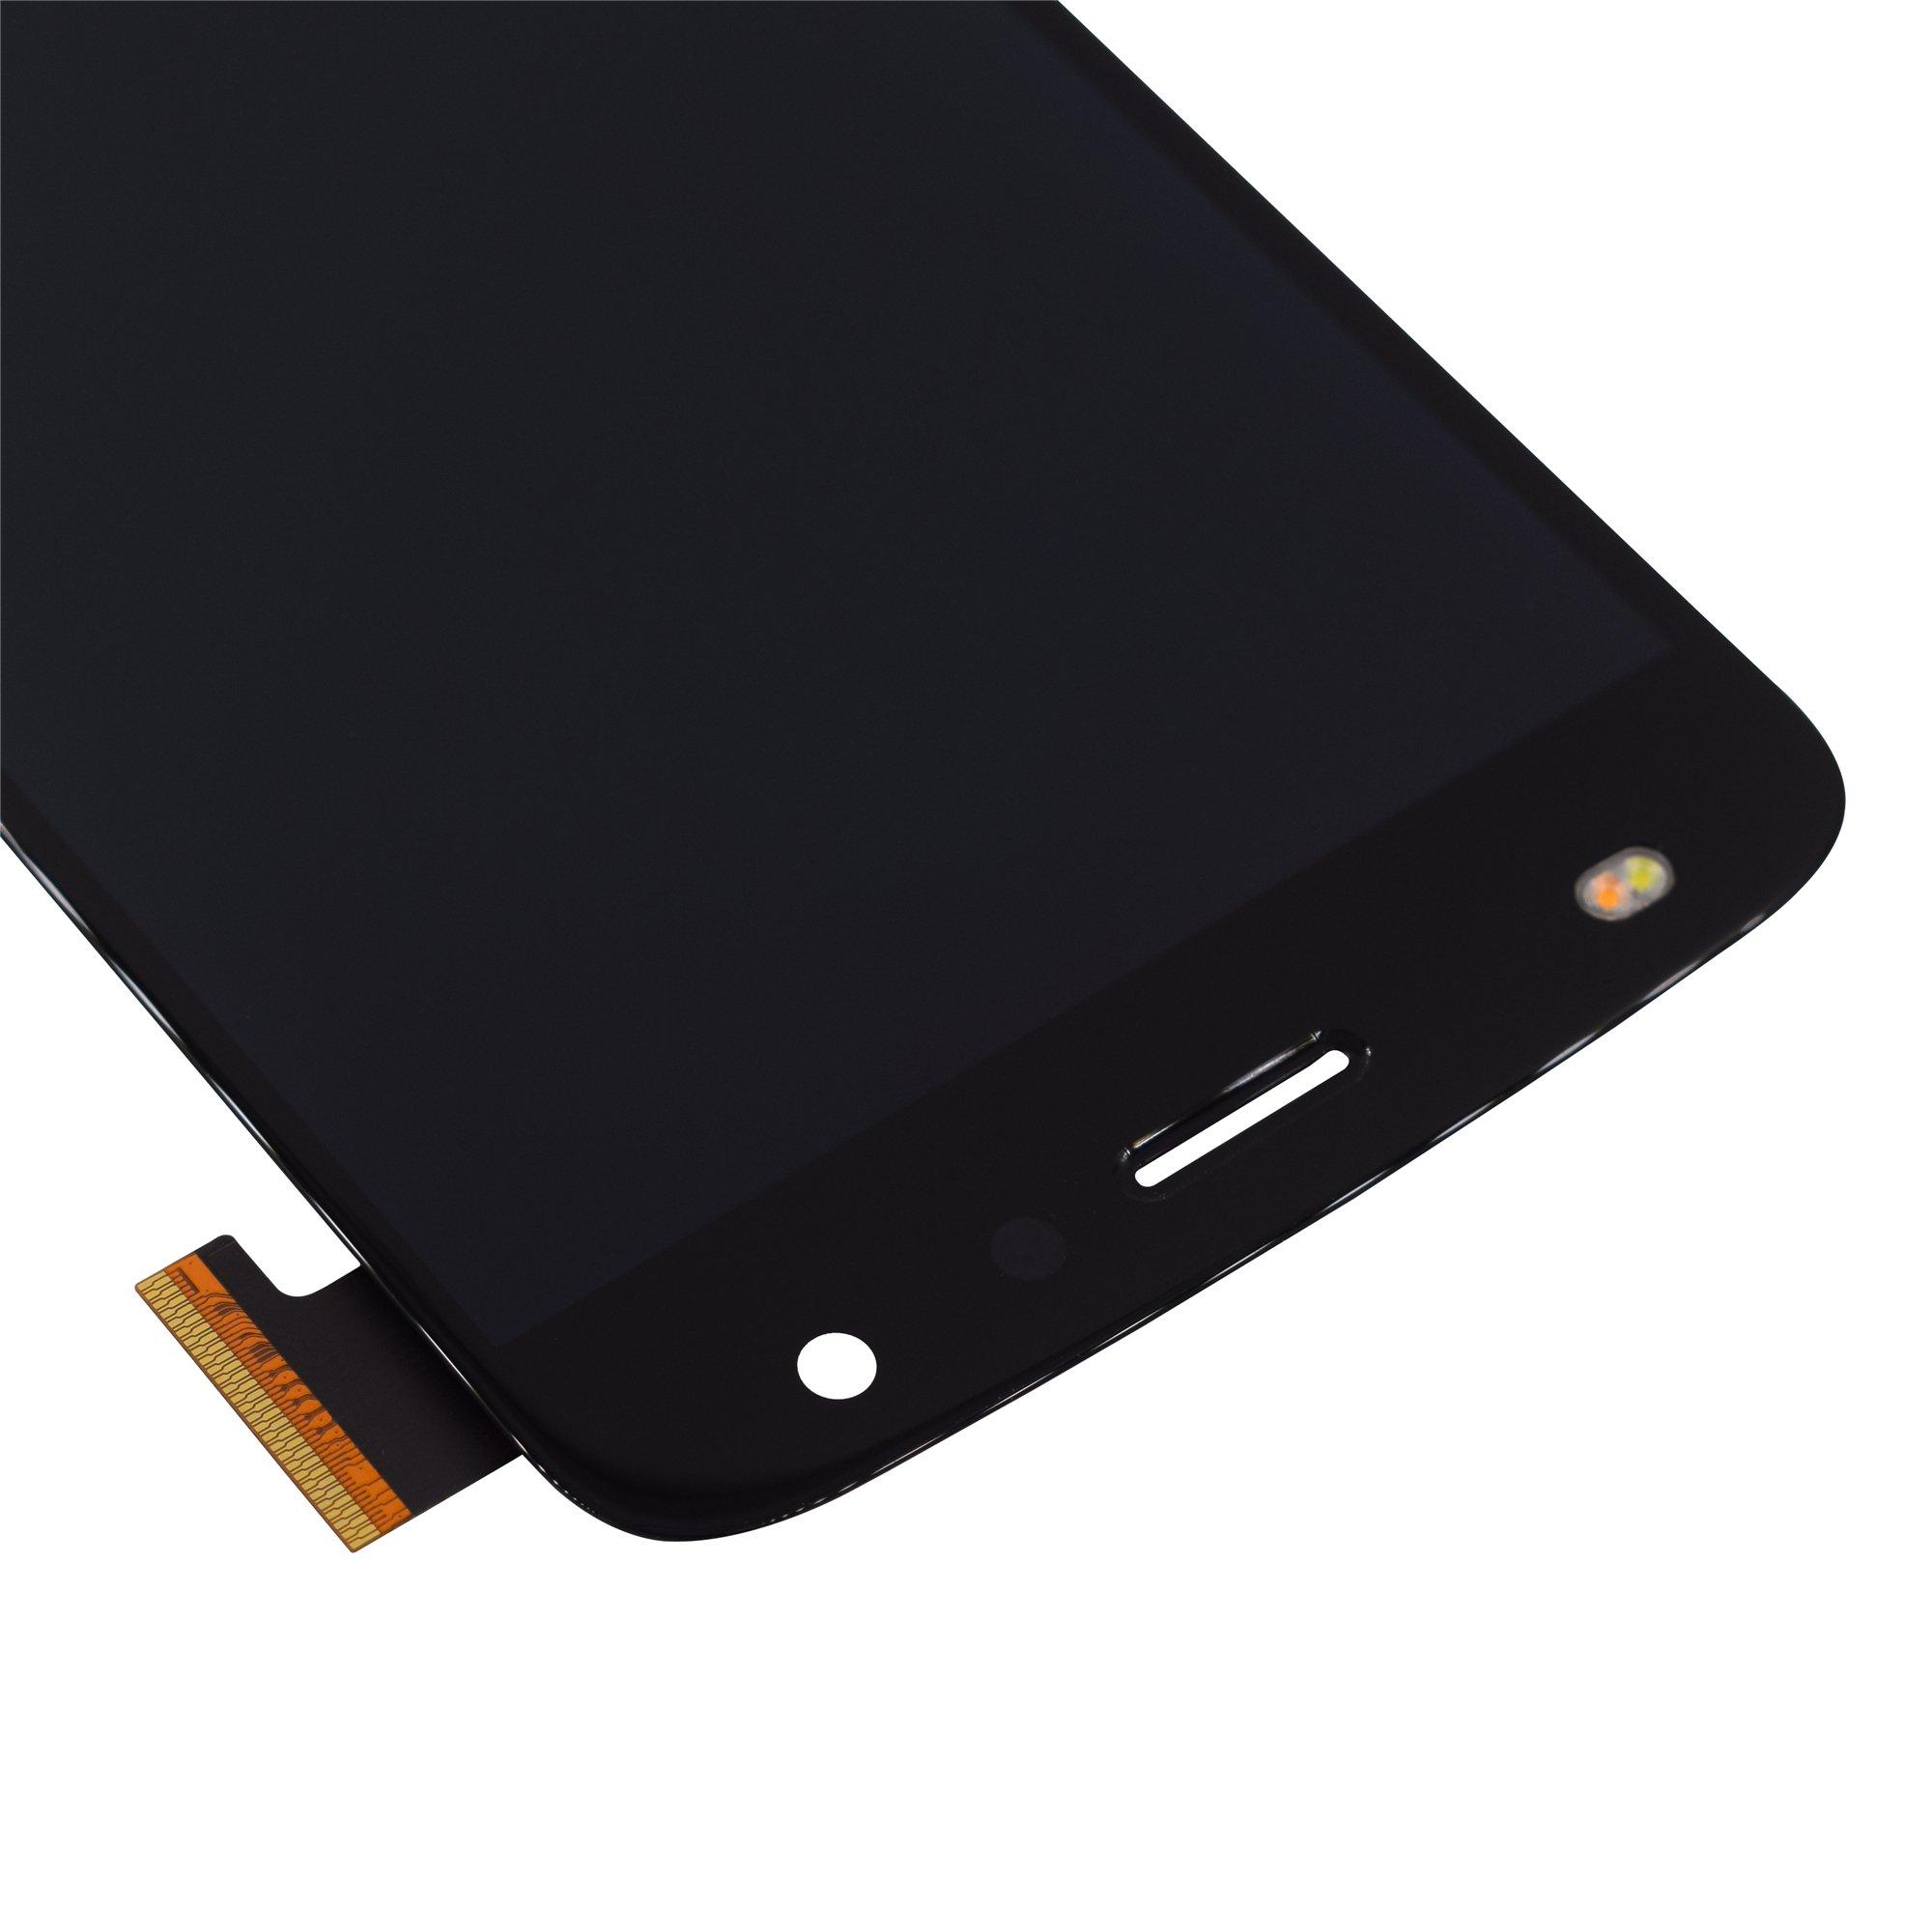 VEKIR Touch Display Digitizer Screen Replacement for Motorola Moto Z2 Play XT1710-01 XT1710-07 XT1710-10 XT1710-08(Black) by VEKIR (Image #3)